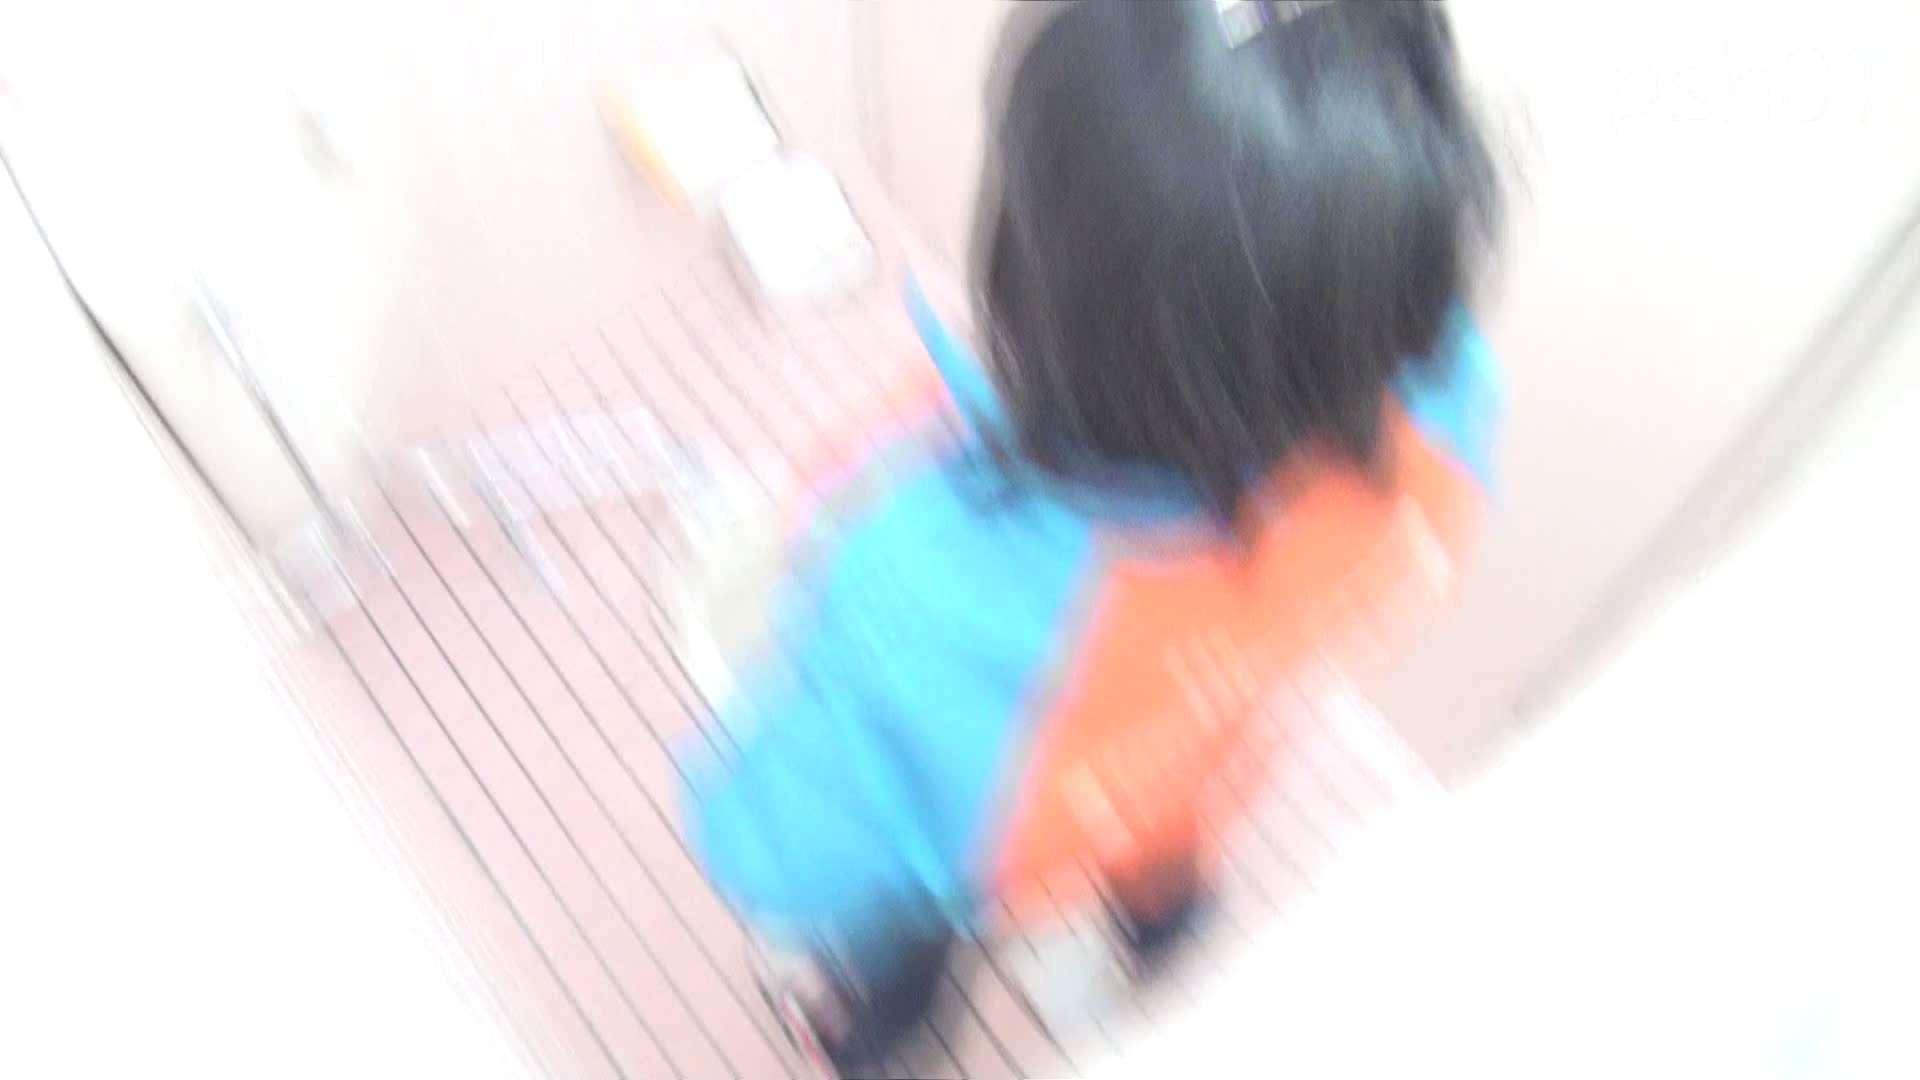 ▲復活限定▲ハイビジョン 盗神伝 Vol.1 丸見え すけべAV動画紹介 51画像 51